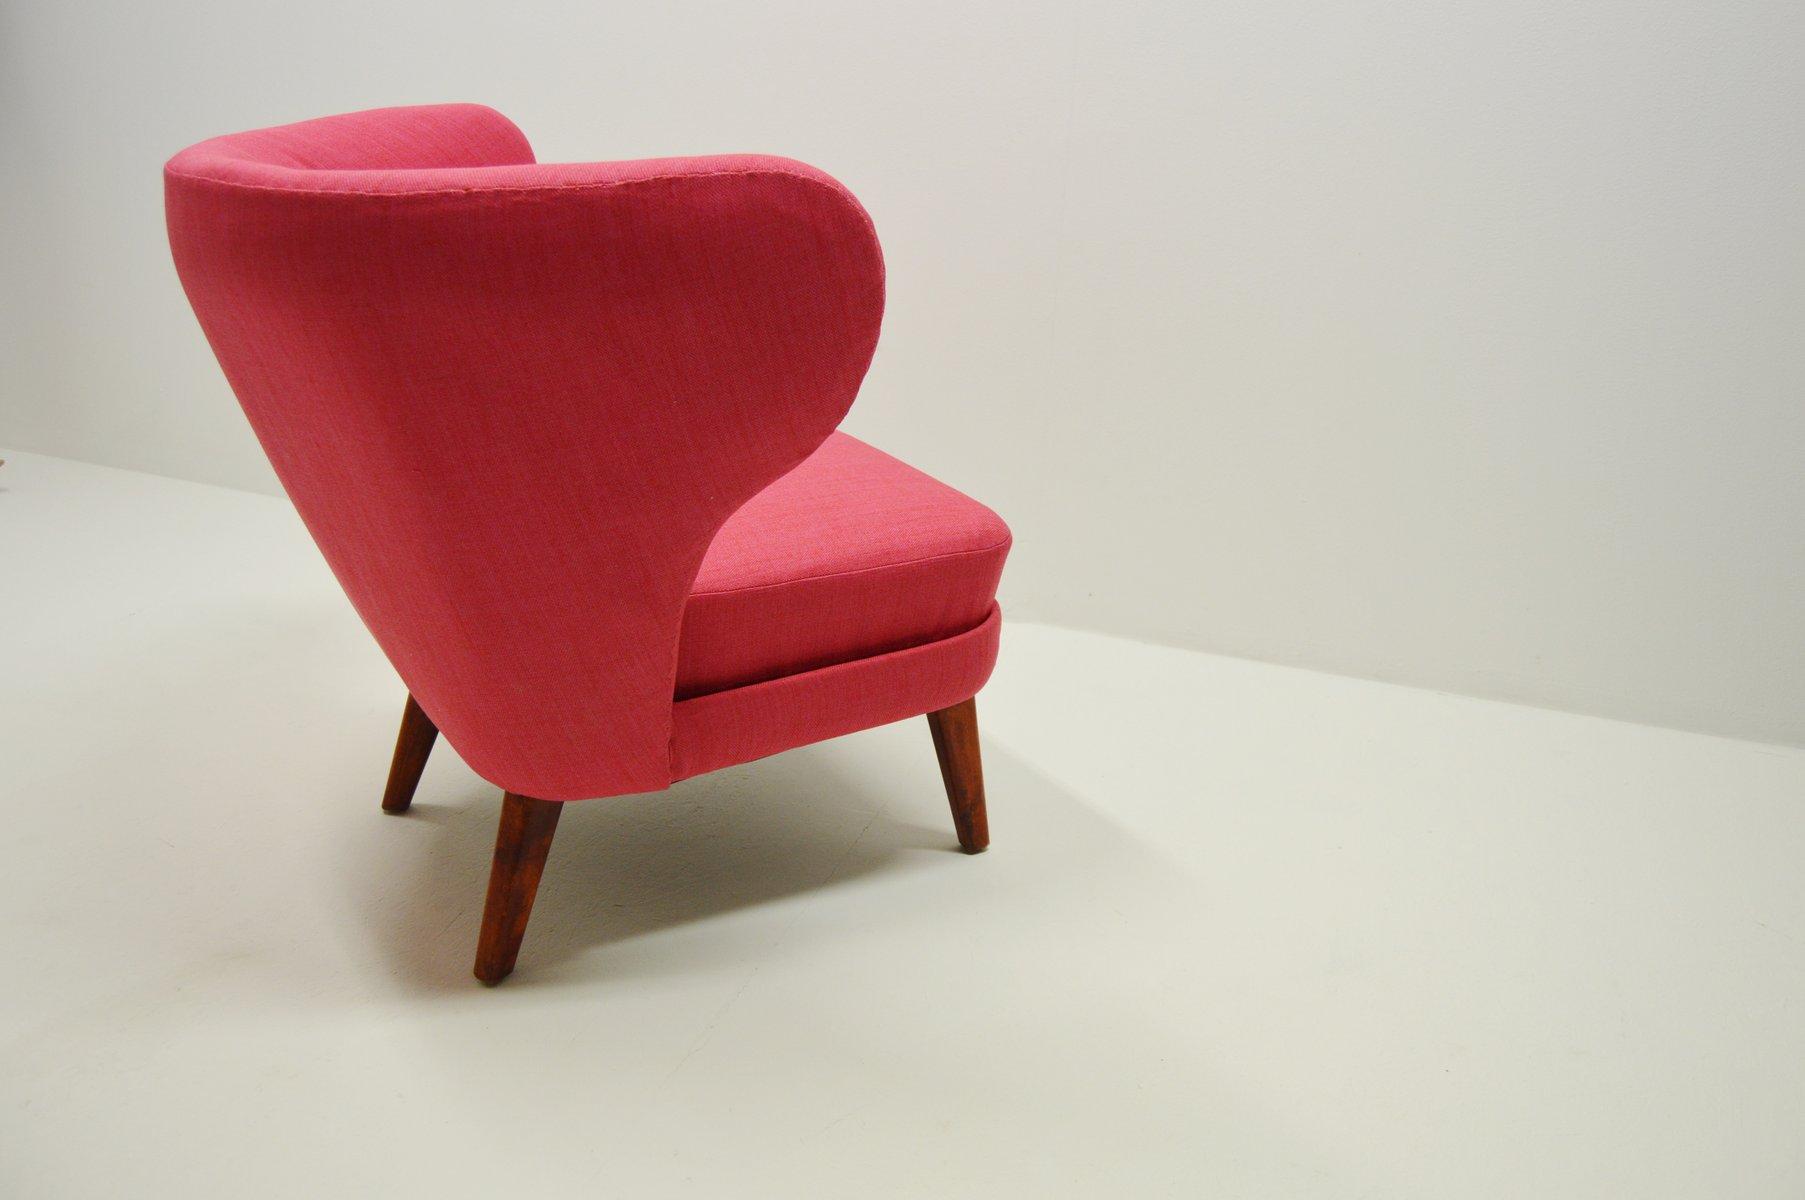 vintage sessel in pink 1950er bei pamono kaufen. Black Bedroom Furniture Sets. Home Design Ideas